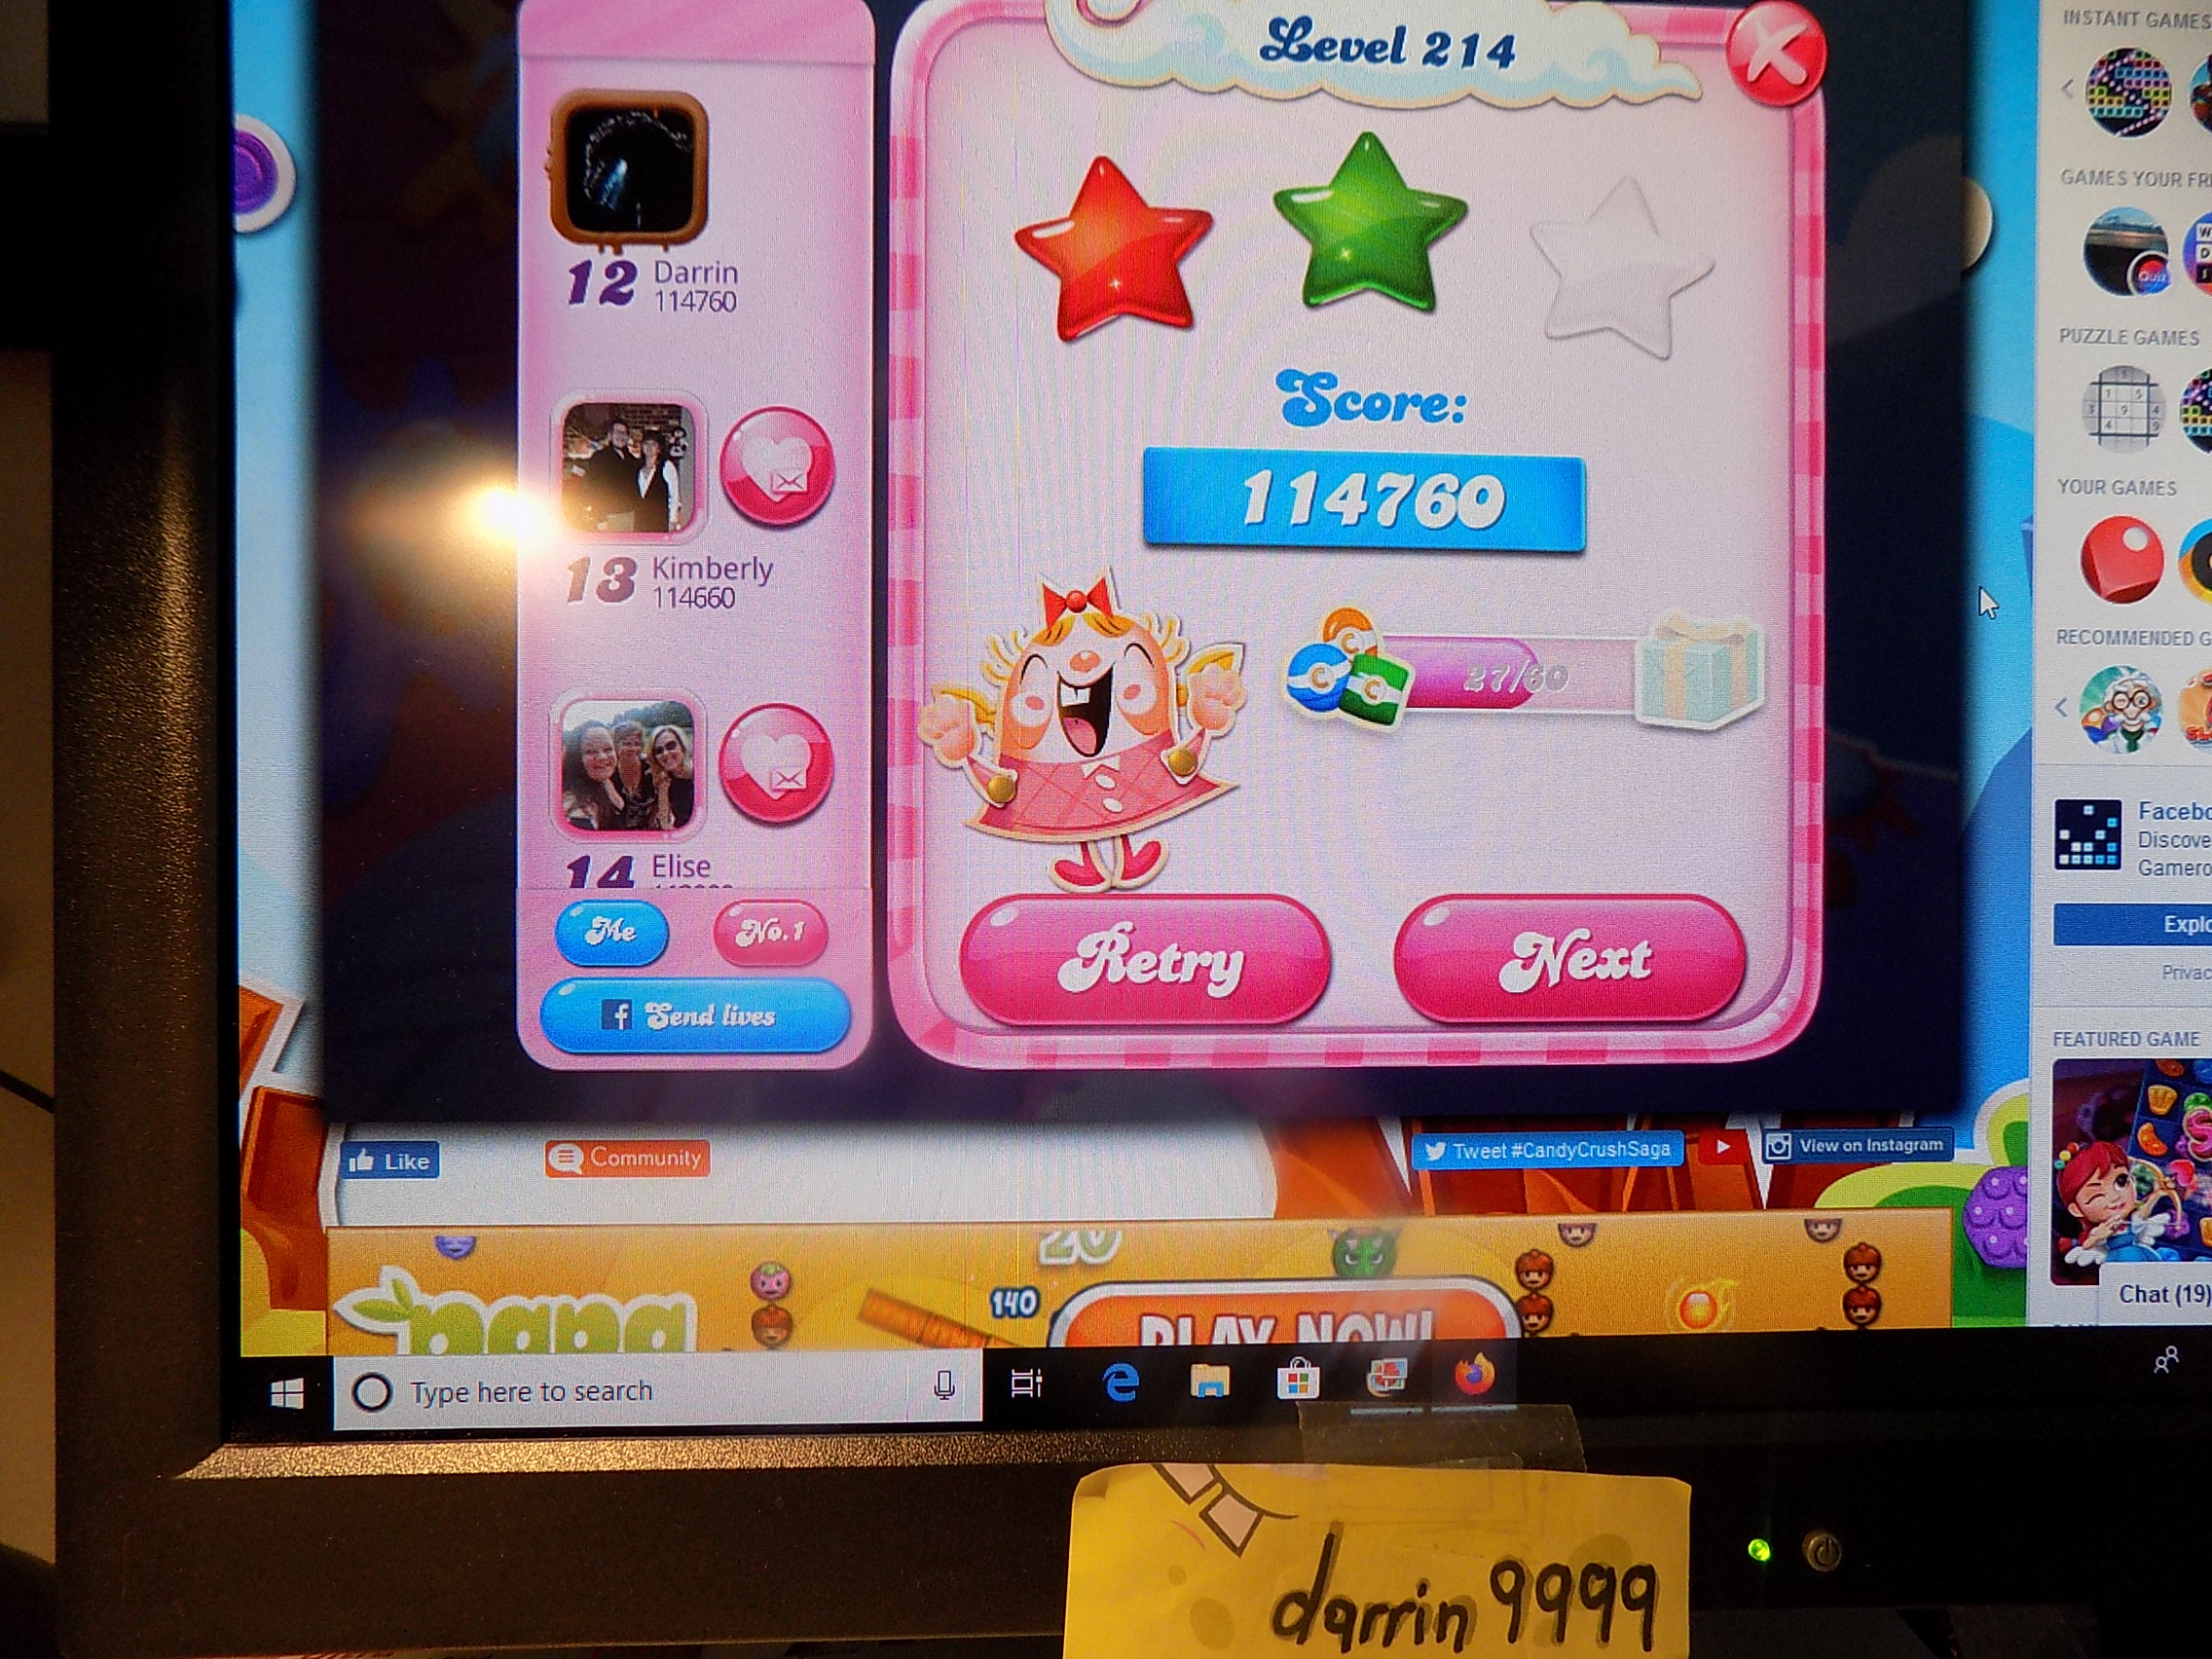 darrin9999: Candy Crush Saga: Level 214 (Web) 114,760 points on 2019-11-18 06:43:16